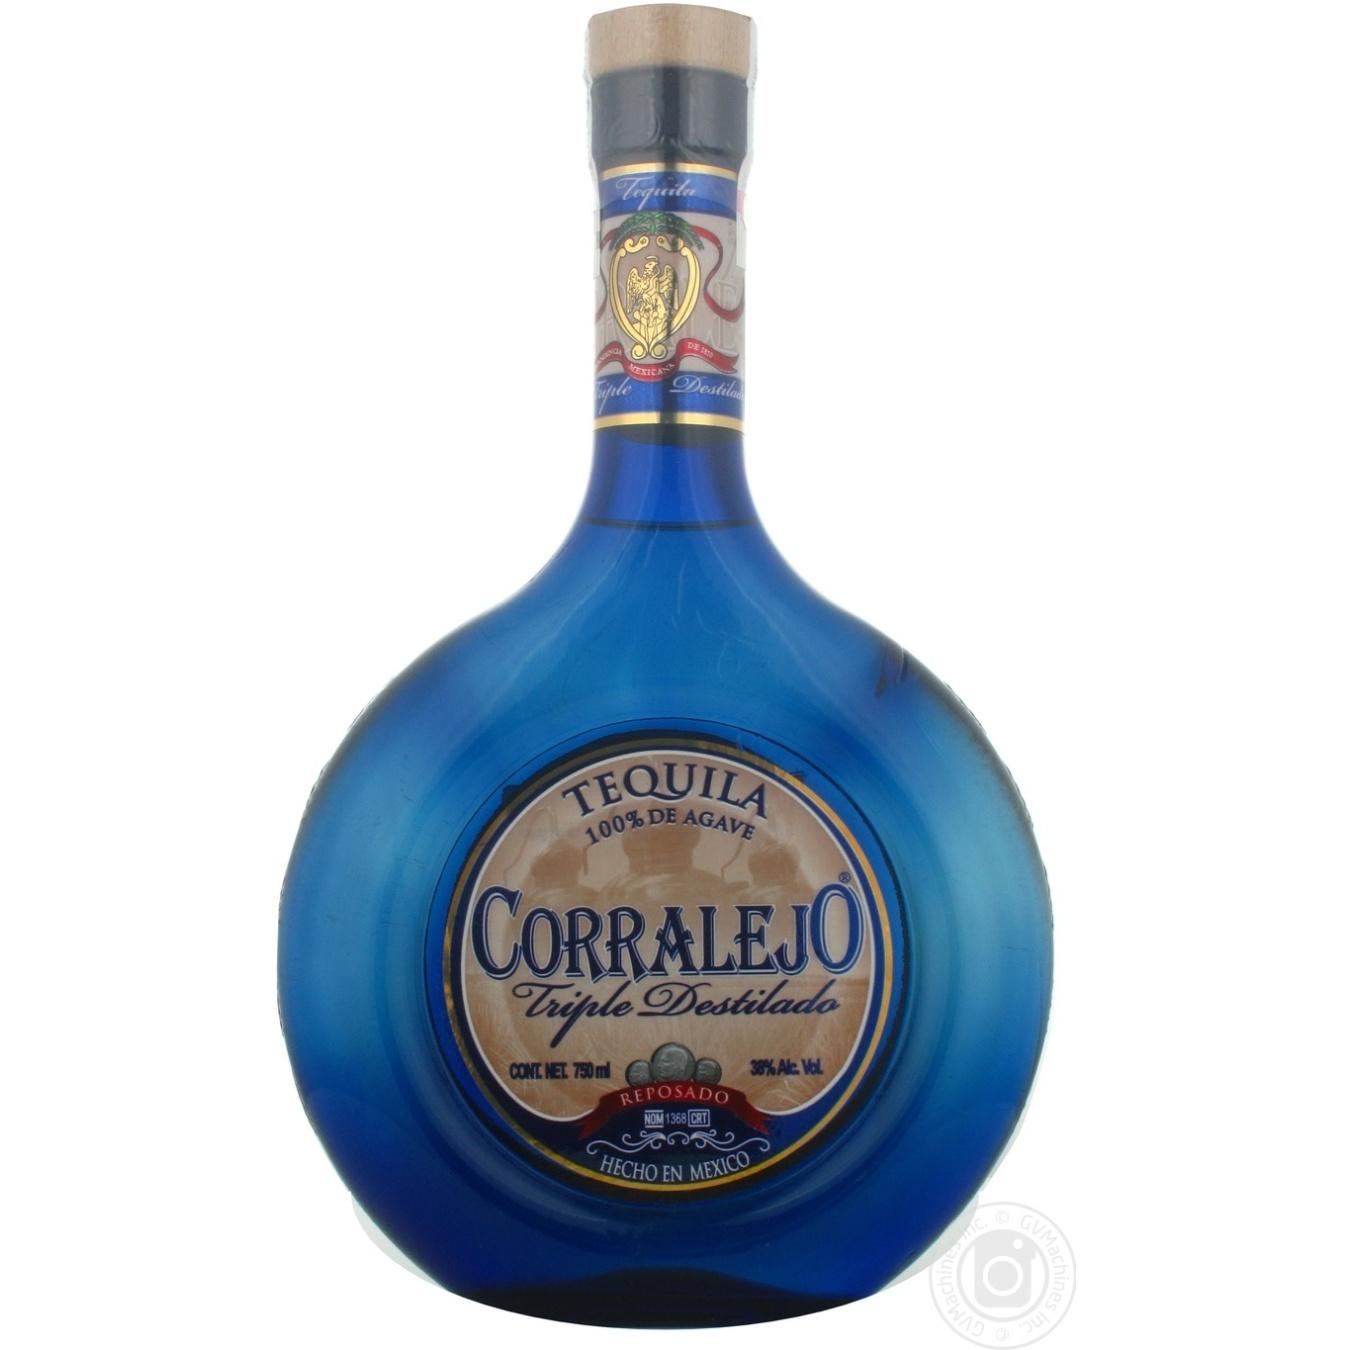 Tequila Corralejo 38 750ml Glass Bottle Mexico Drinks